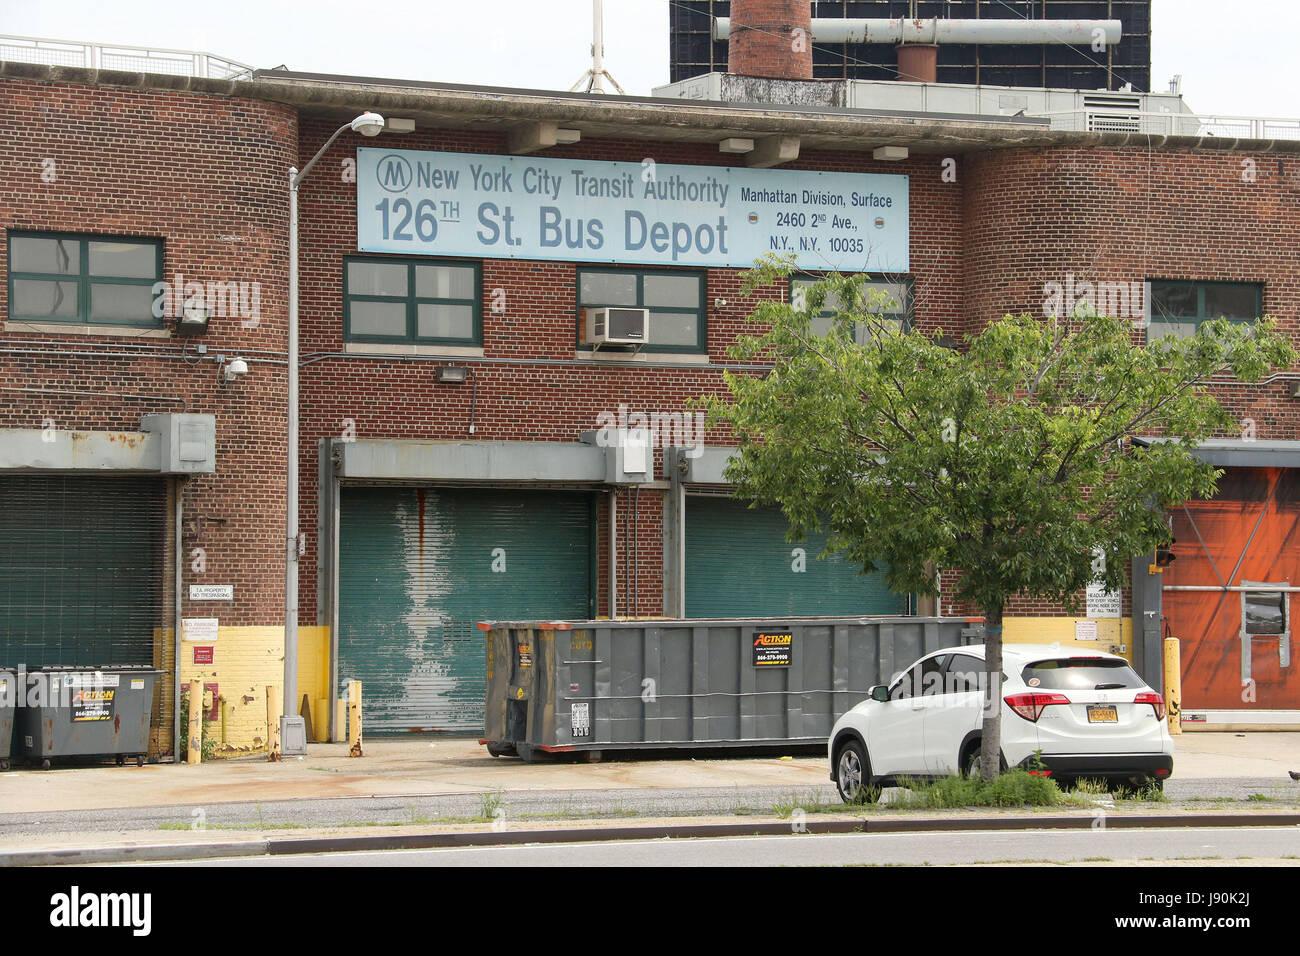 6671979f6 nueva-york-nueva-york-estados-unidos-30-de-mayo-de-2017-una-vista-de-la-antigua-estacion-de-autobuses-de-la-calle-126a-en-la-parte-superior-de-manhattan-los  ...